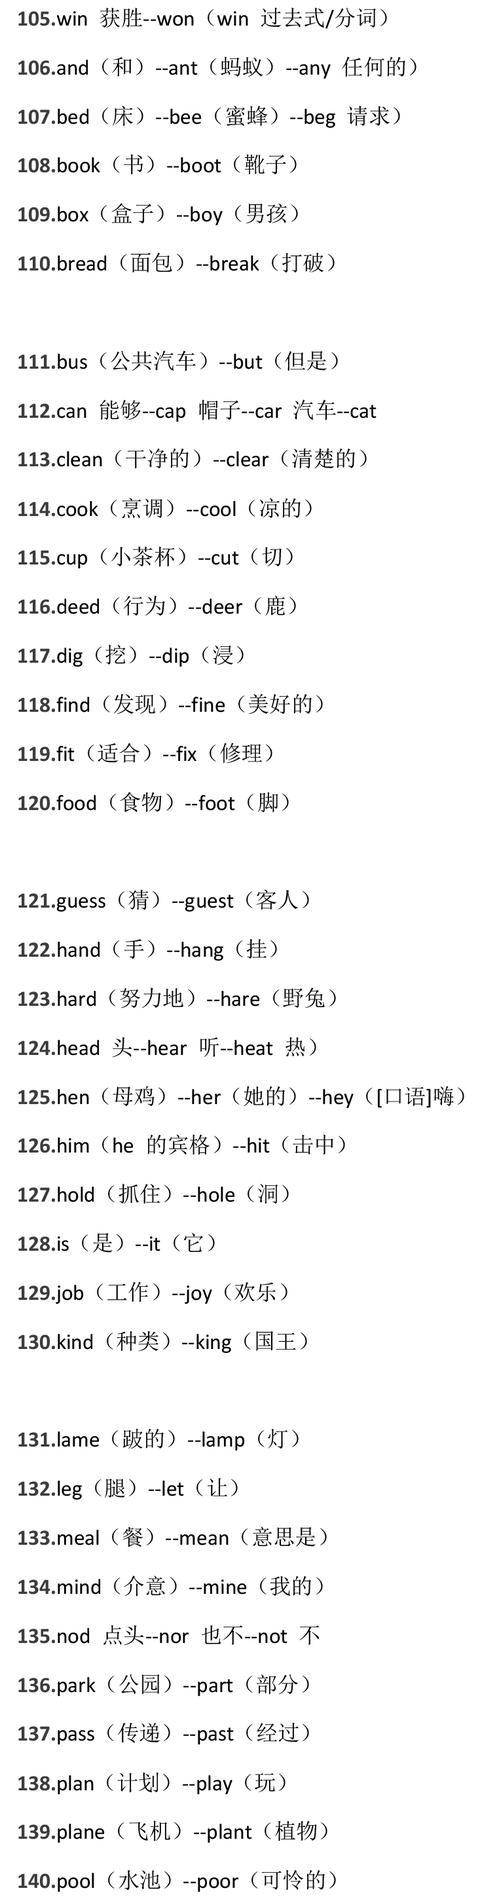 中考英语常考150个形似单词和34组易混词组